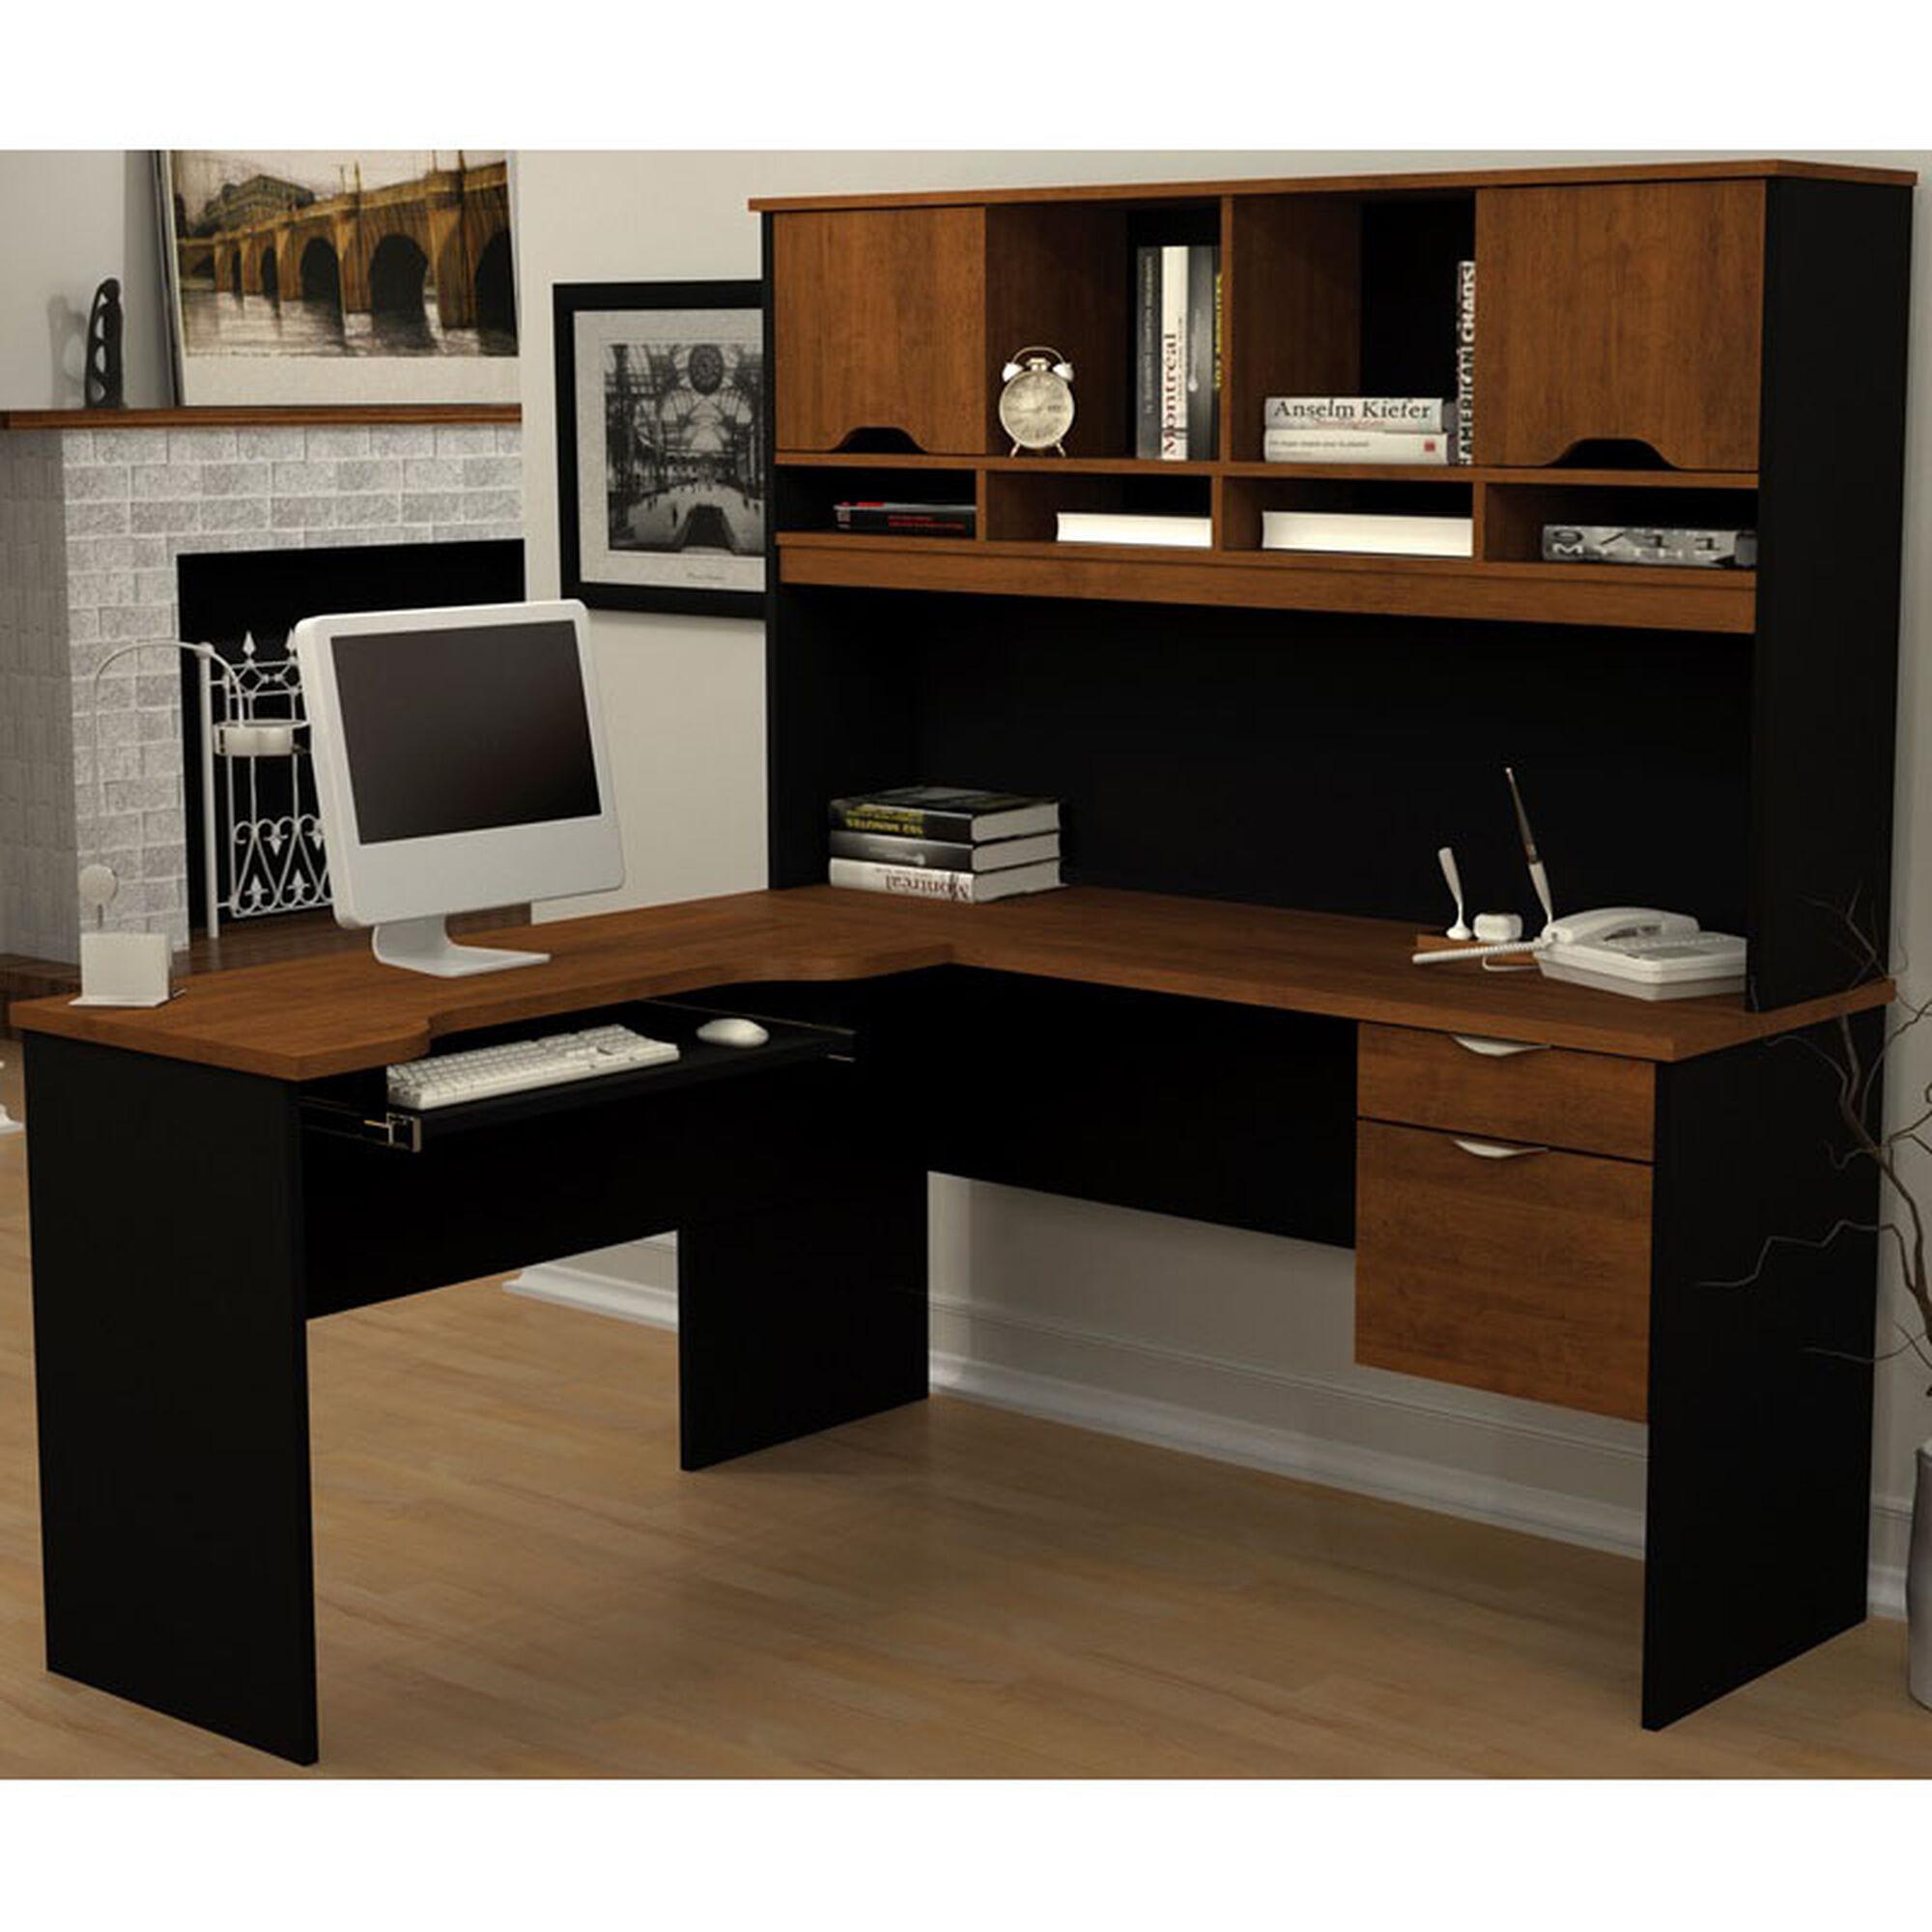 Reversal L Shaped Workstation 92420 63 Schoolfurniture4lesscom